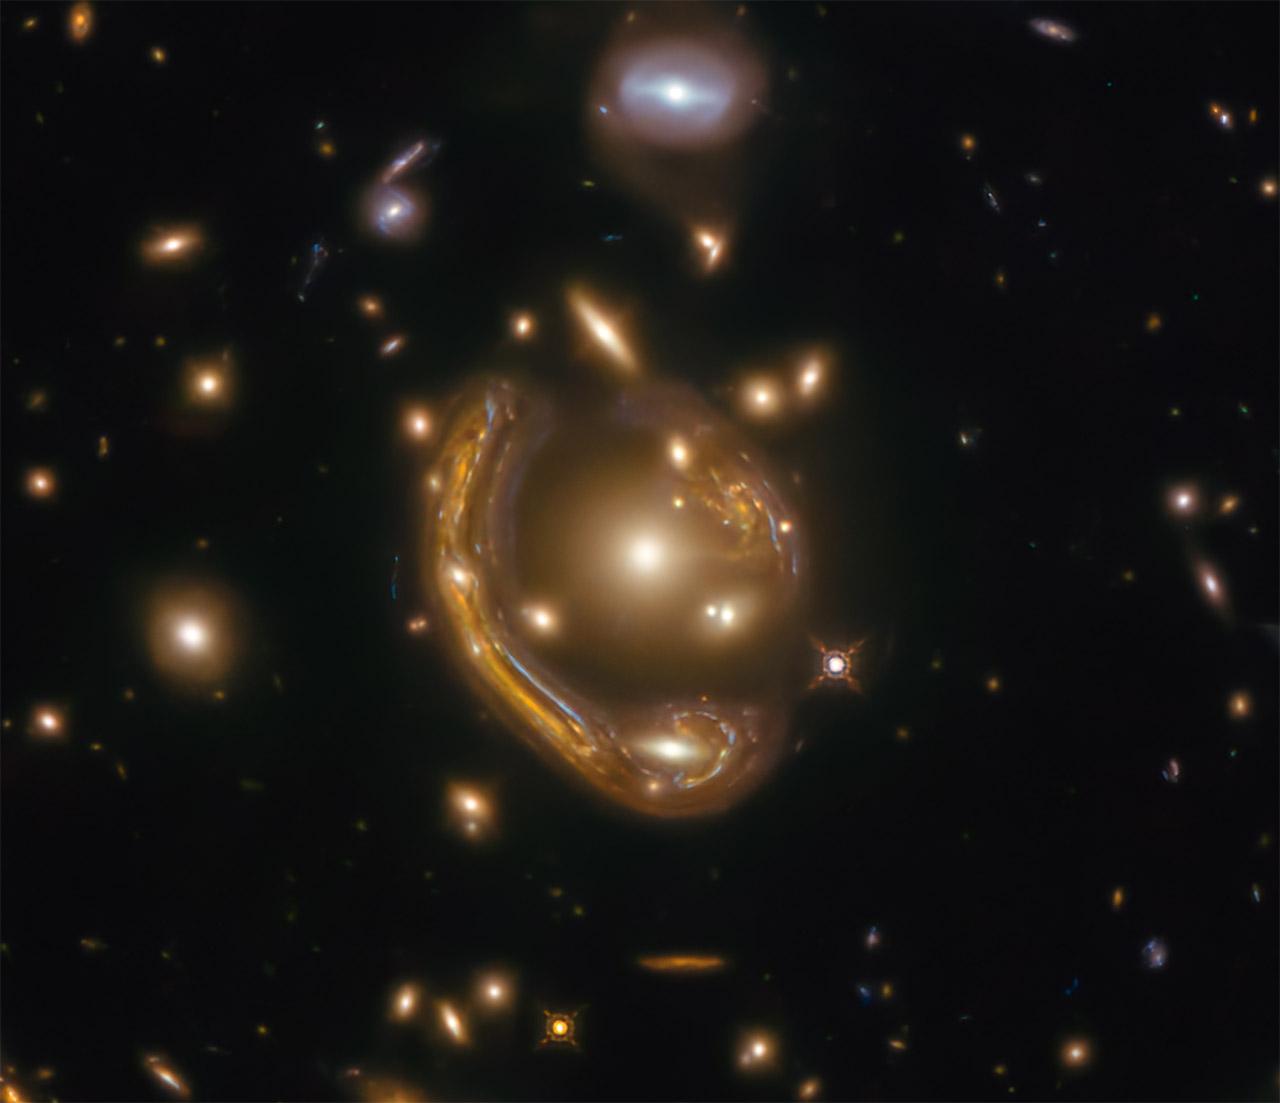 NASA Hubble Space Telescope Molten Ring Galaxy